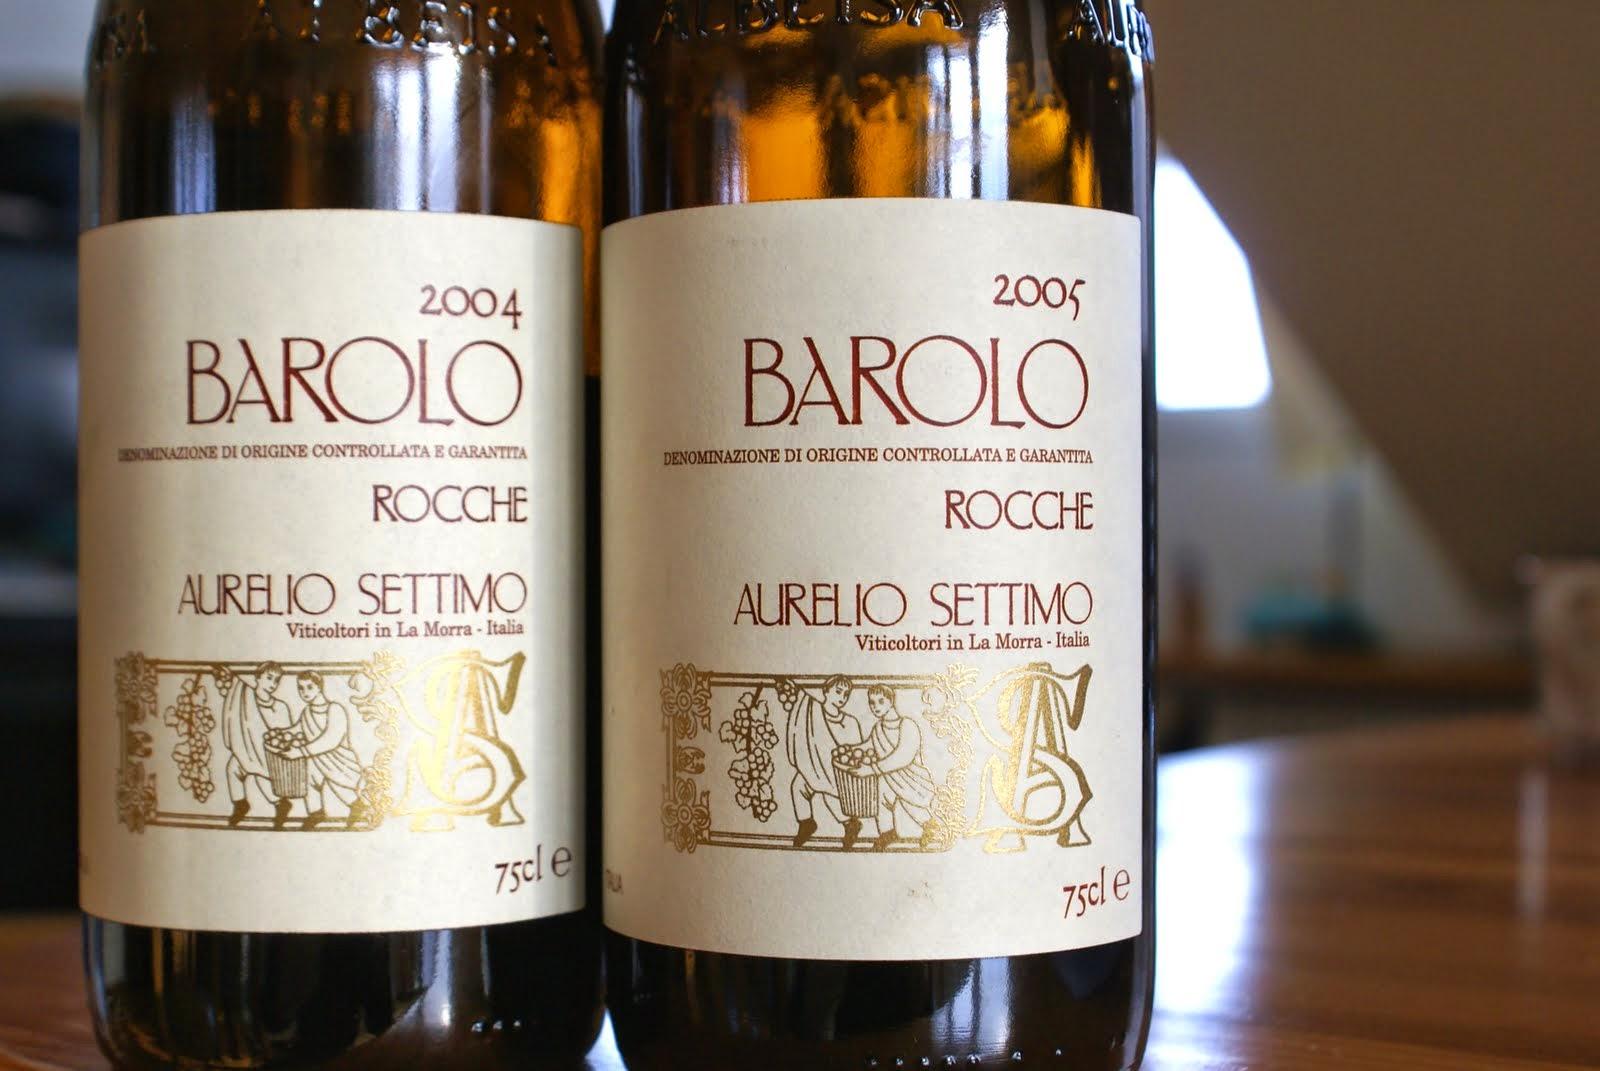 Итальянское вино бароло